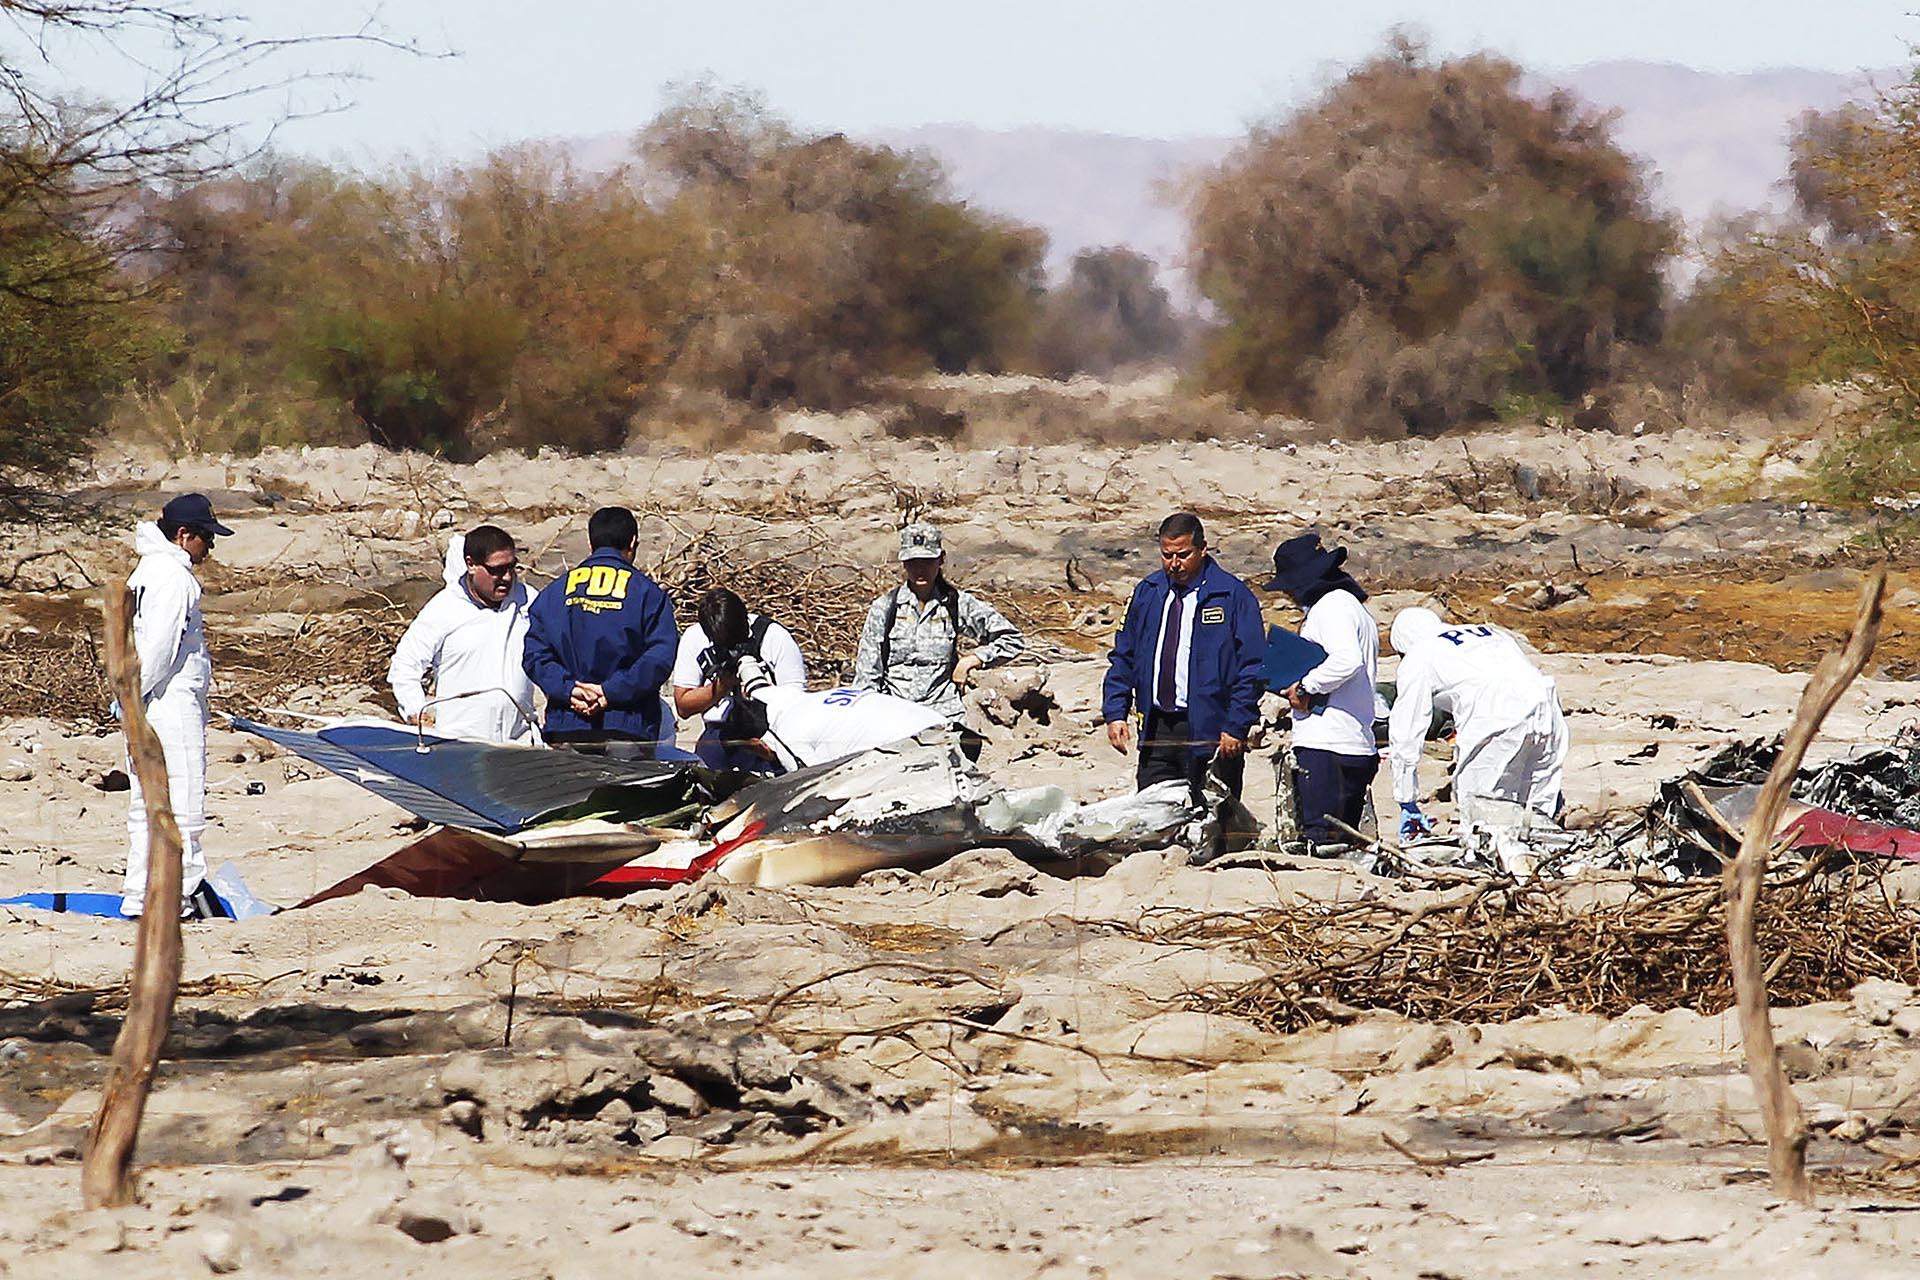 Funcionarios de la Policía de Investigaciones (PDI) trabajan en el área donde se accidentó una aeronave de la Fuerza Aérea de Chile (FACH) en Pozo Almonte